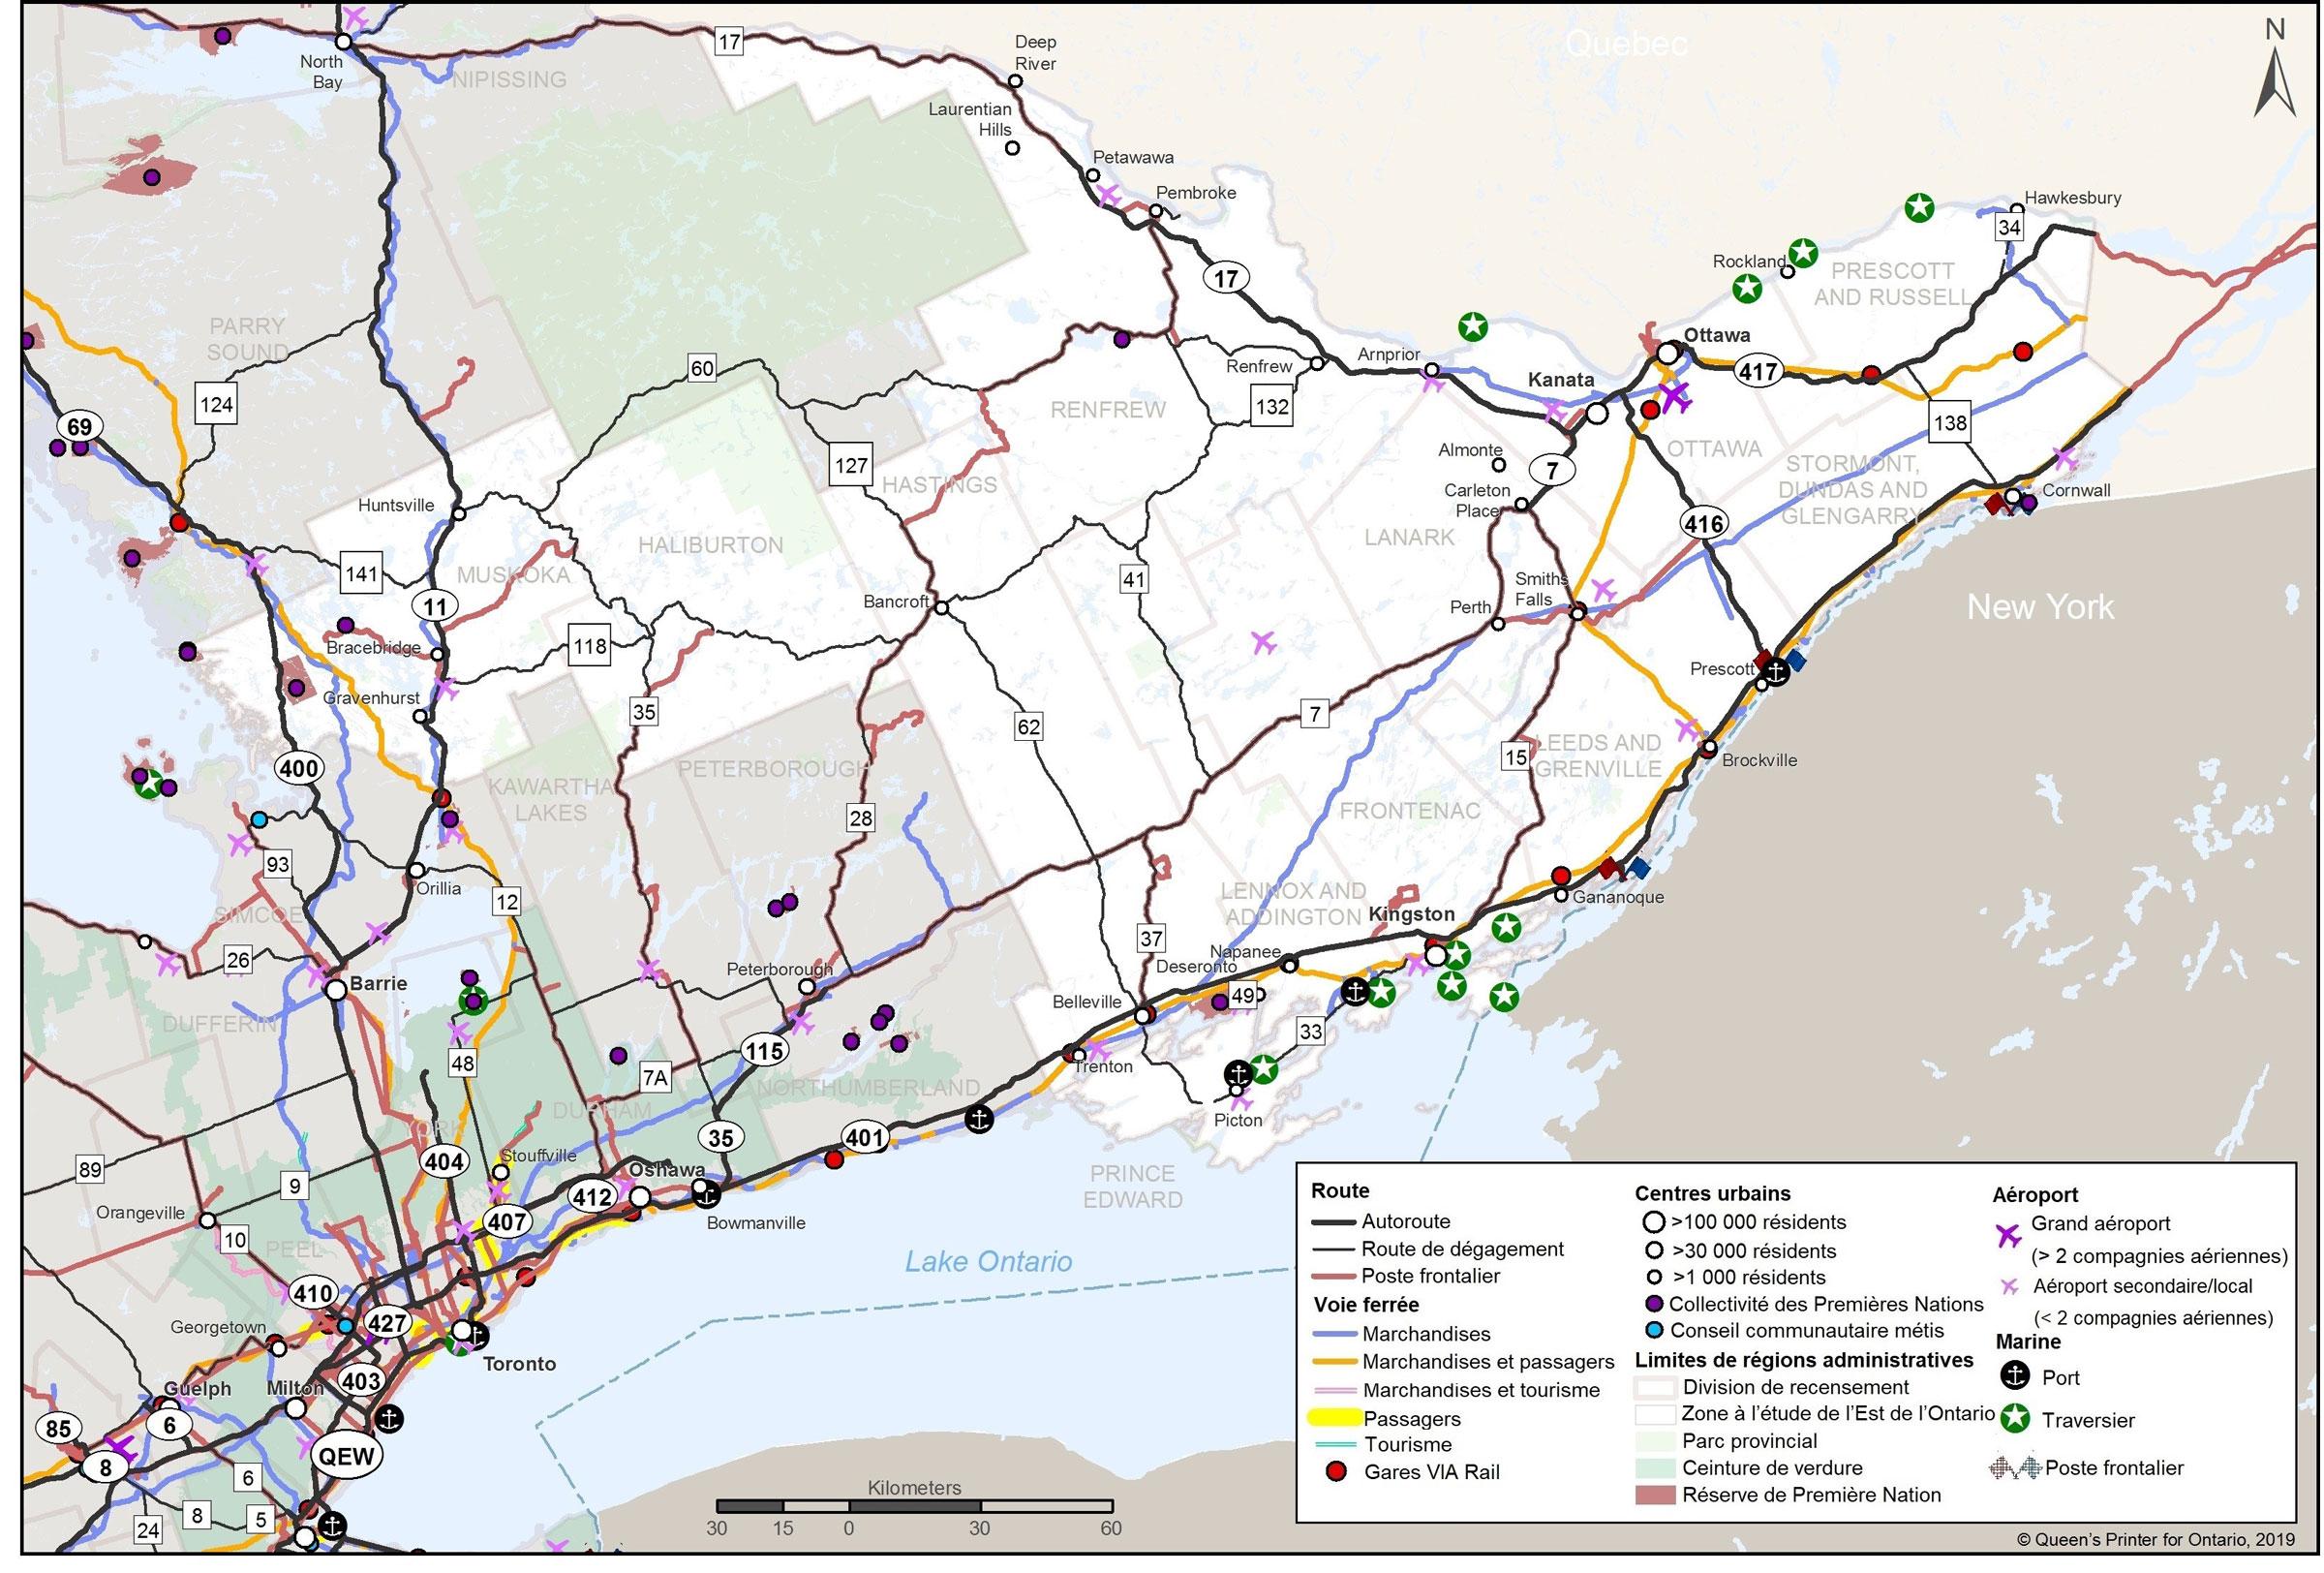 Une carte montrant l'Est de l'Ontario, y compris les centres de population, les routes et les voies ferrées, les aéroports et les points maritimes.